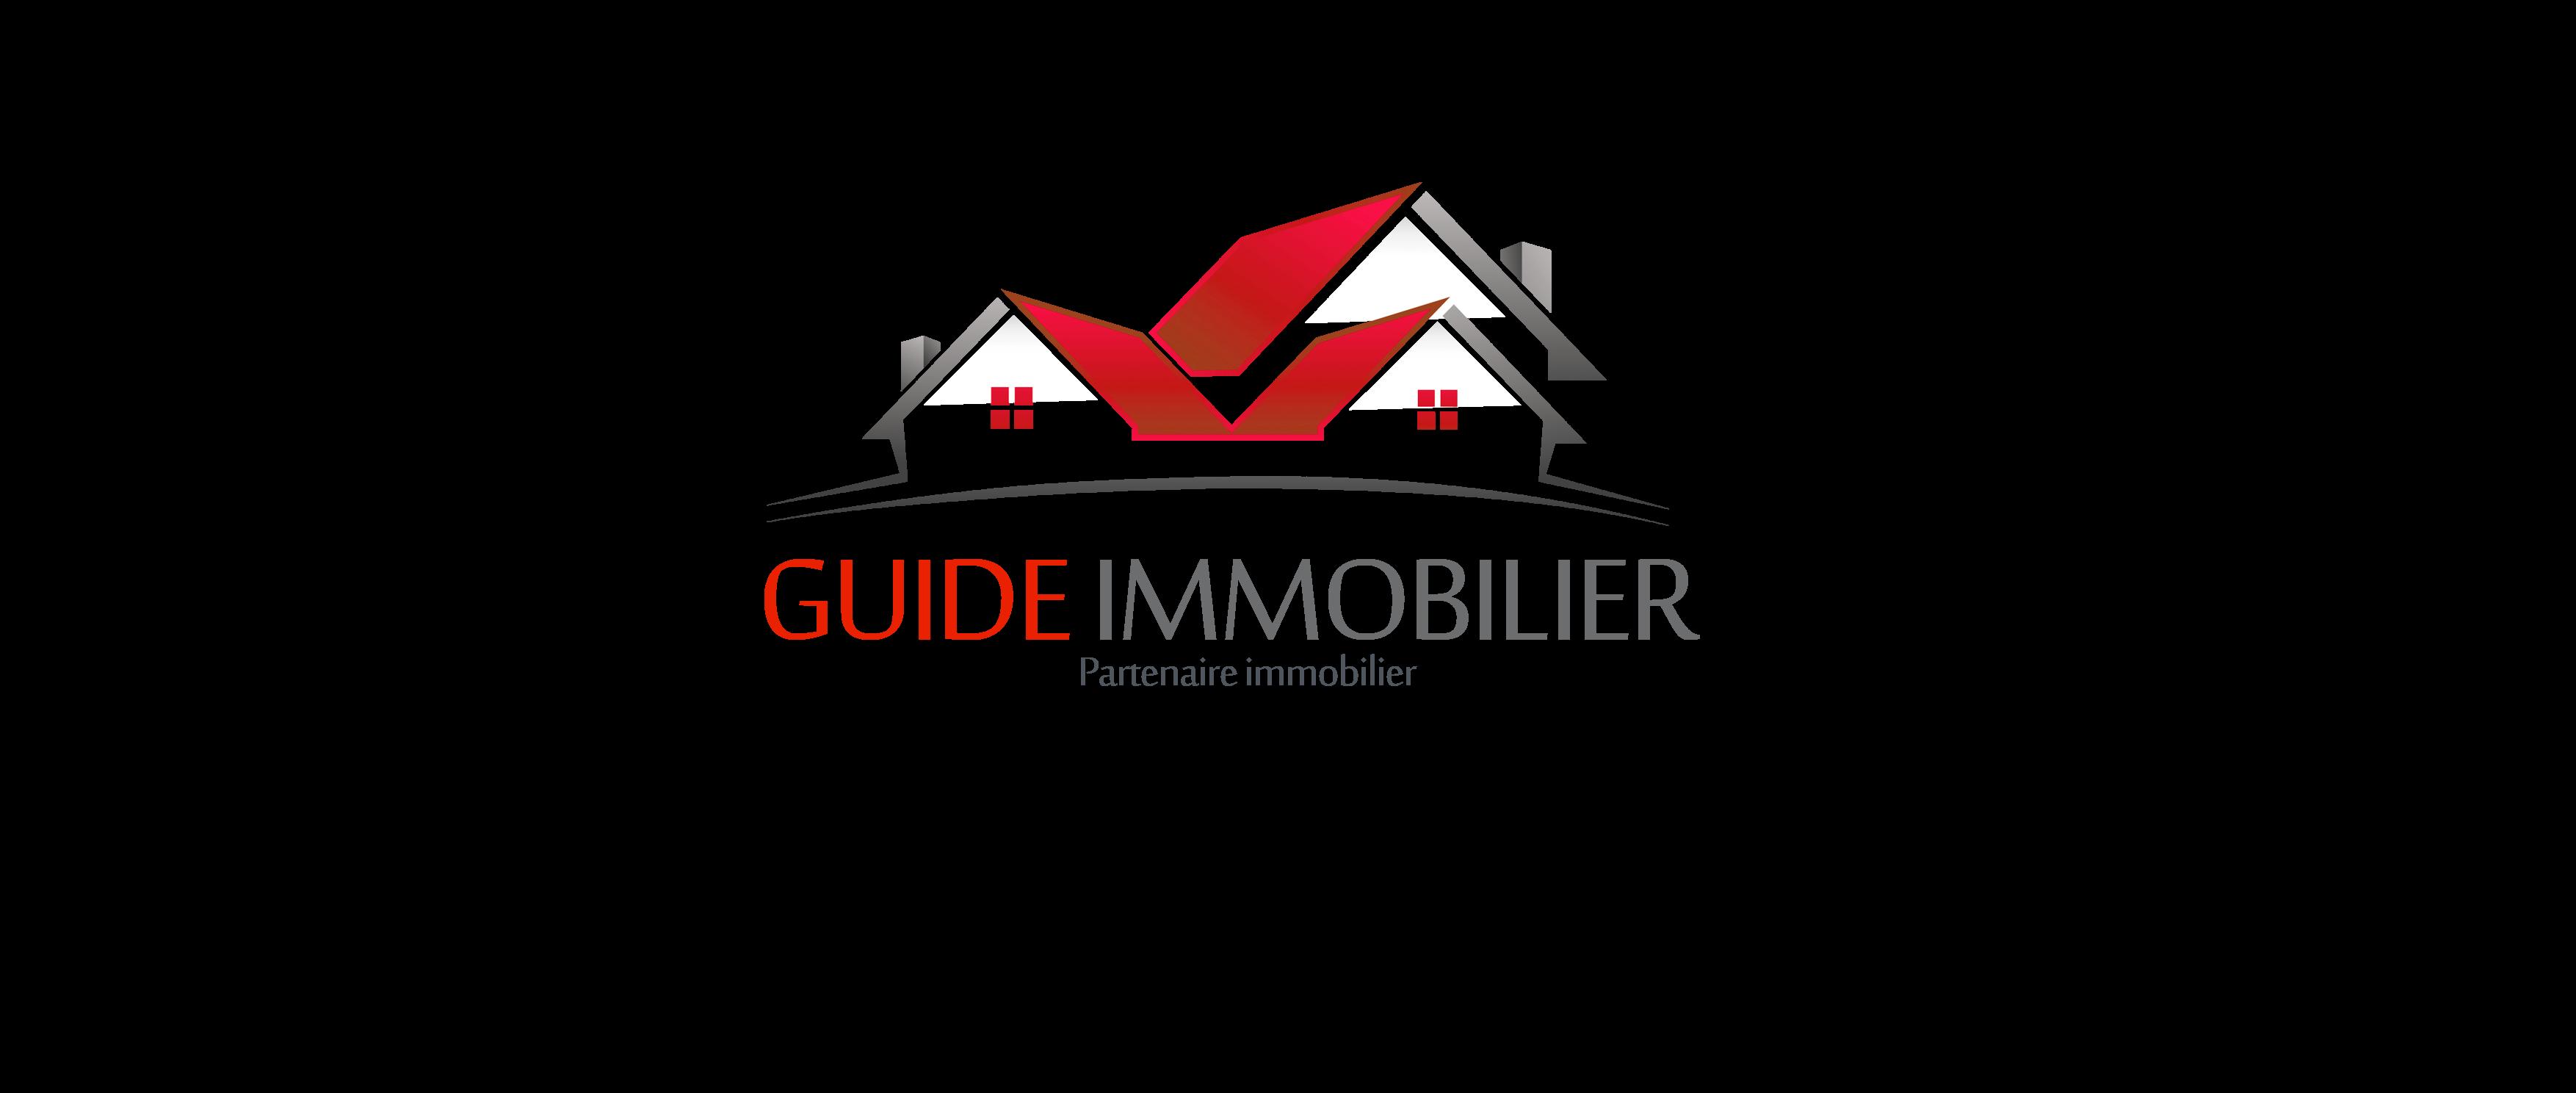 logo guide immobilier guide immobilier tout savoir sur l 39 immobilier. Black Bedroom Furniture Sets. Home Design Ideas